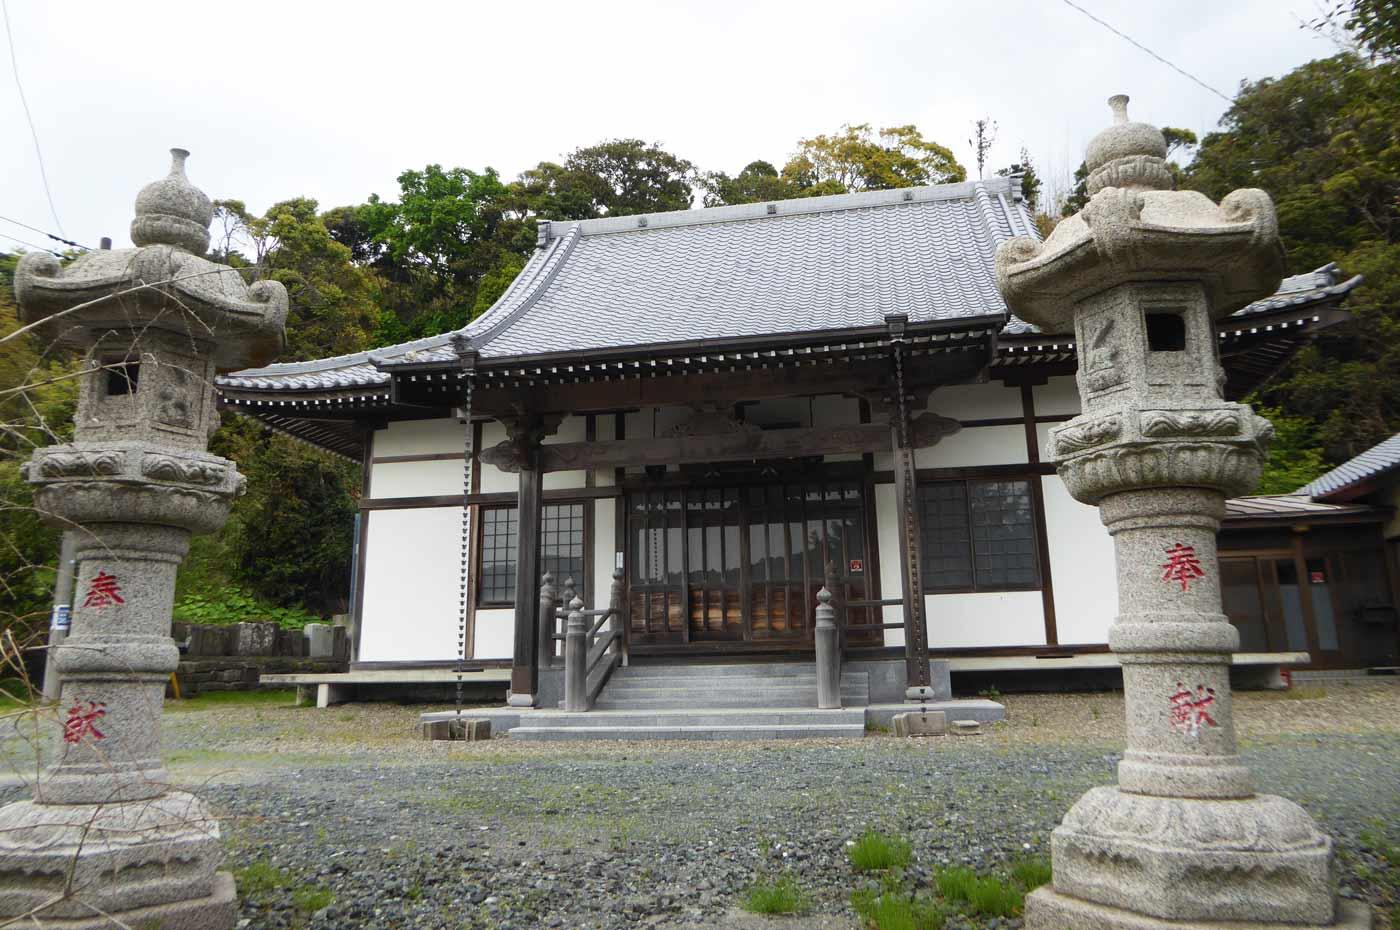 昌龍寺の本堂の画像